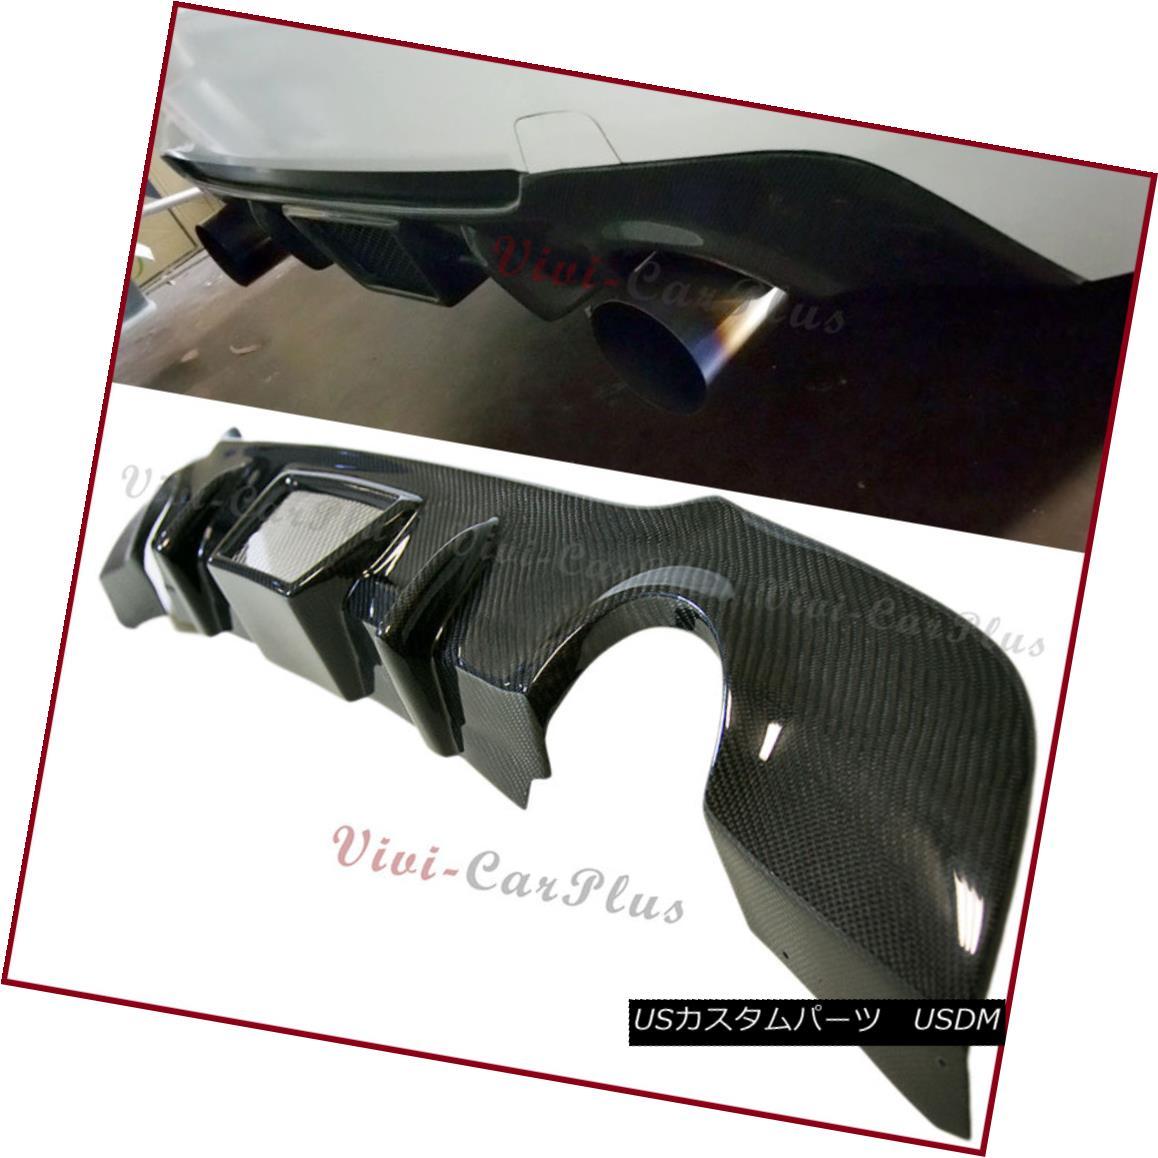 エアロパーツ For 07-13 E92 E93 328i 335i M-Sporty Bumper Carbon Fiber TMS Style Rear Diffuser 07-13 E92 E93 328i 335i M-スポーティーバンパーカーボンファイバーTMSスタイルリアディフューザー